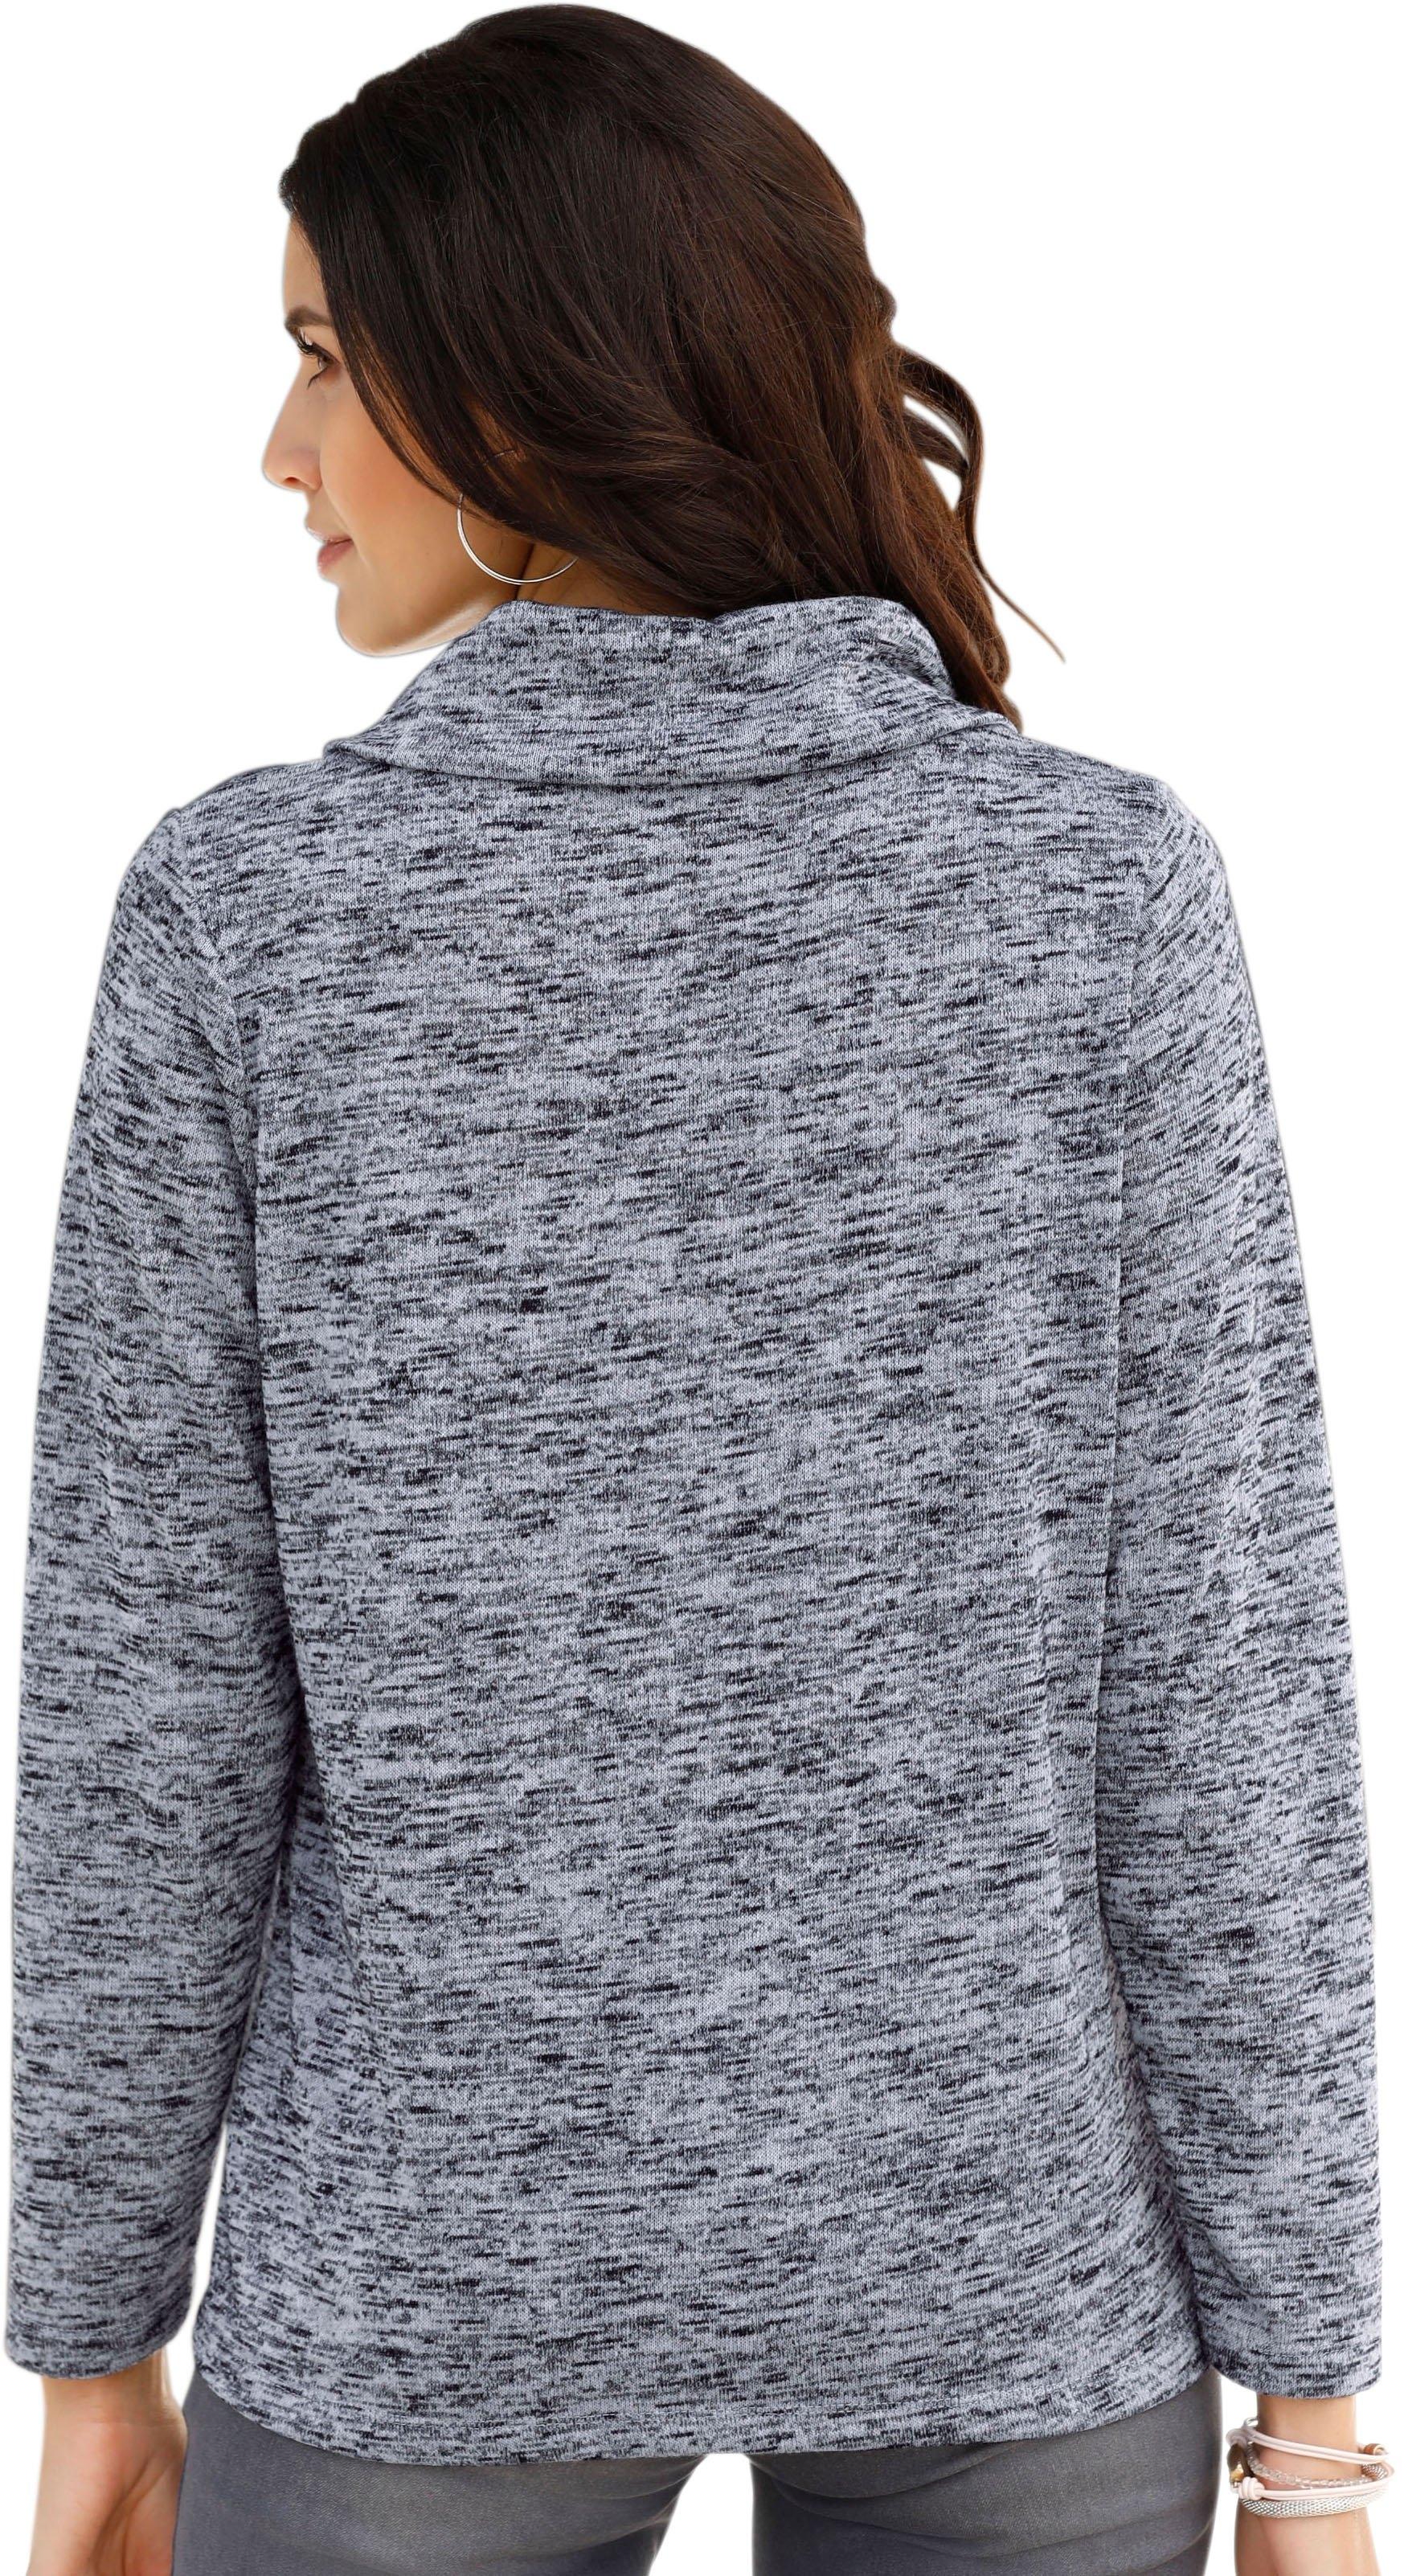 In Online Kraag Classic De Met Asymmetrische Shirt Winkel Inspirationen mvnN8wO0